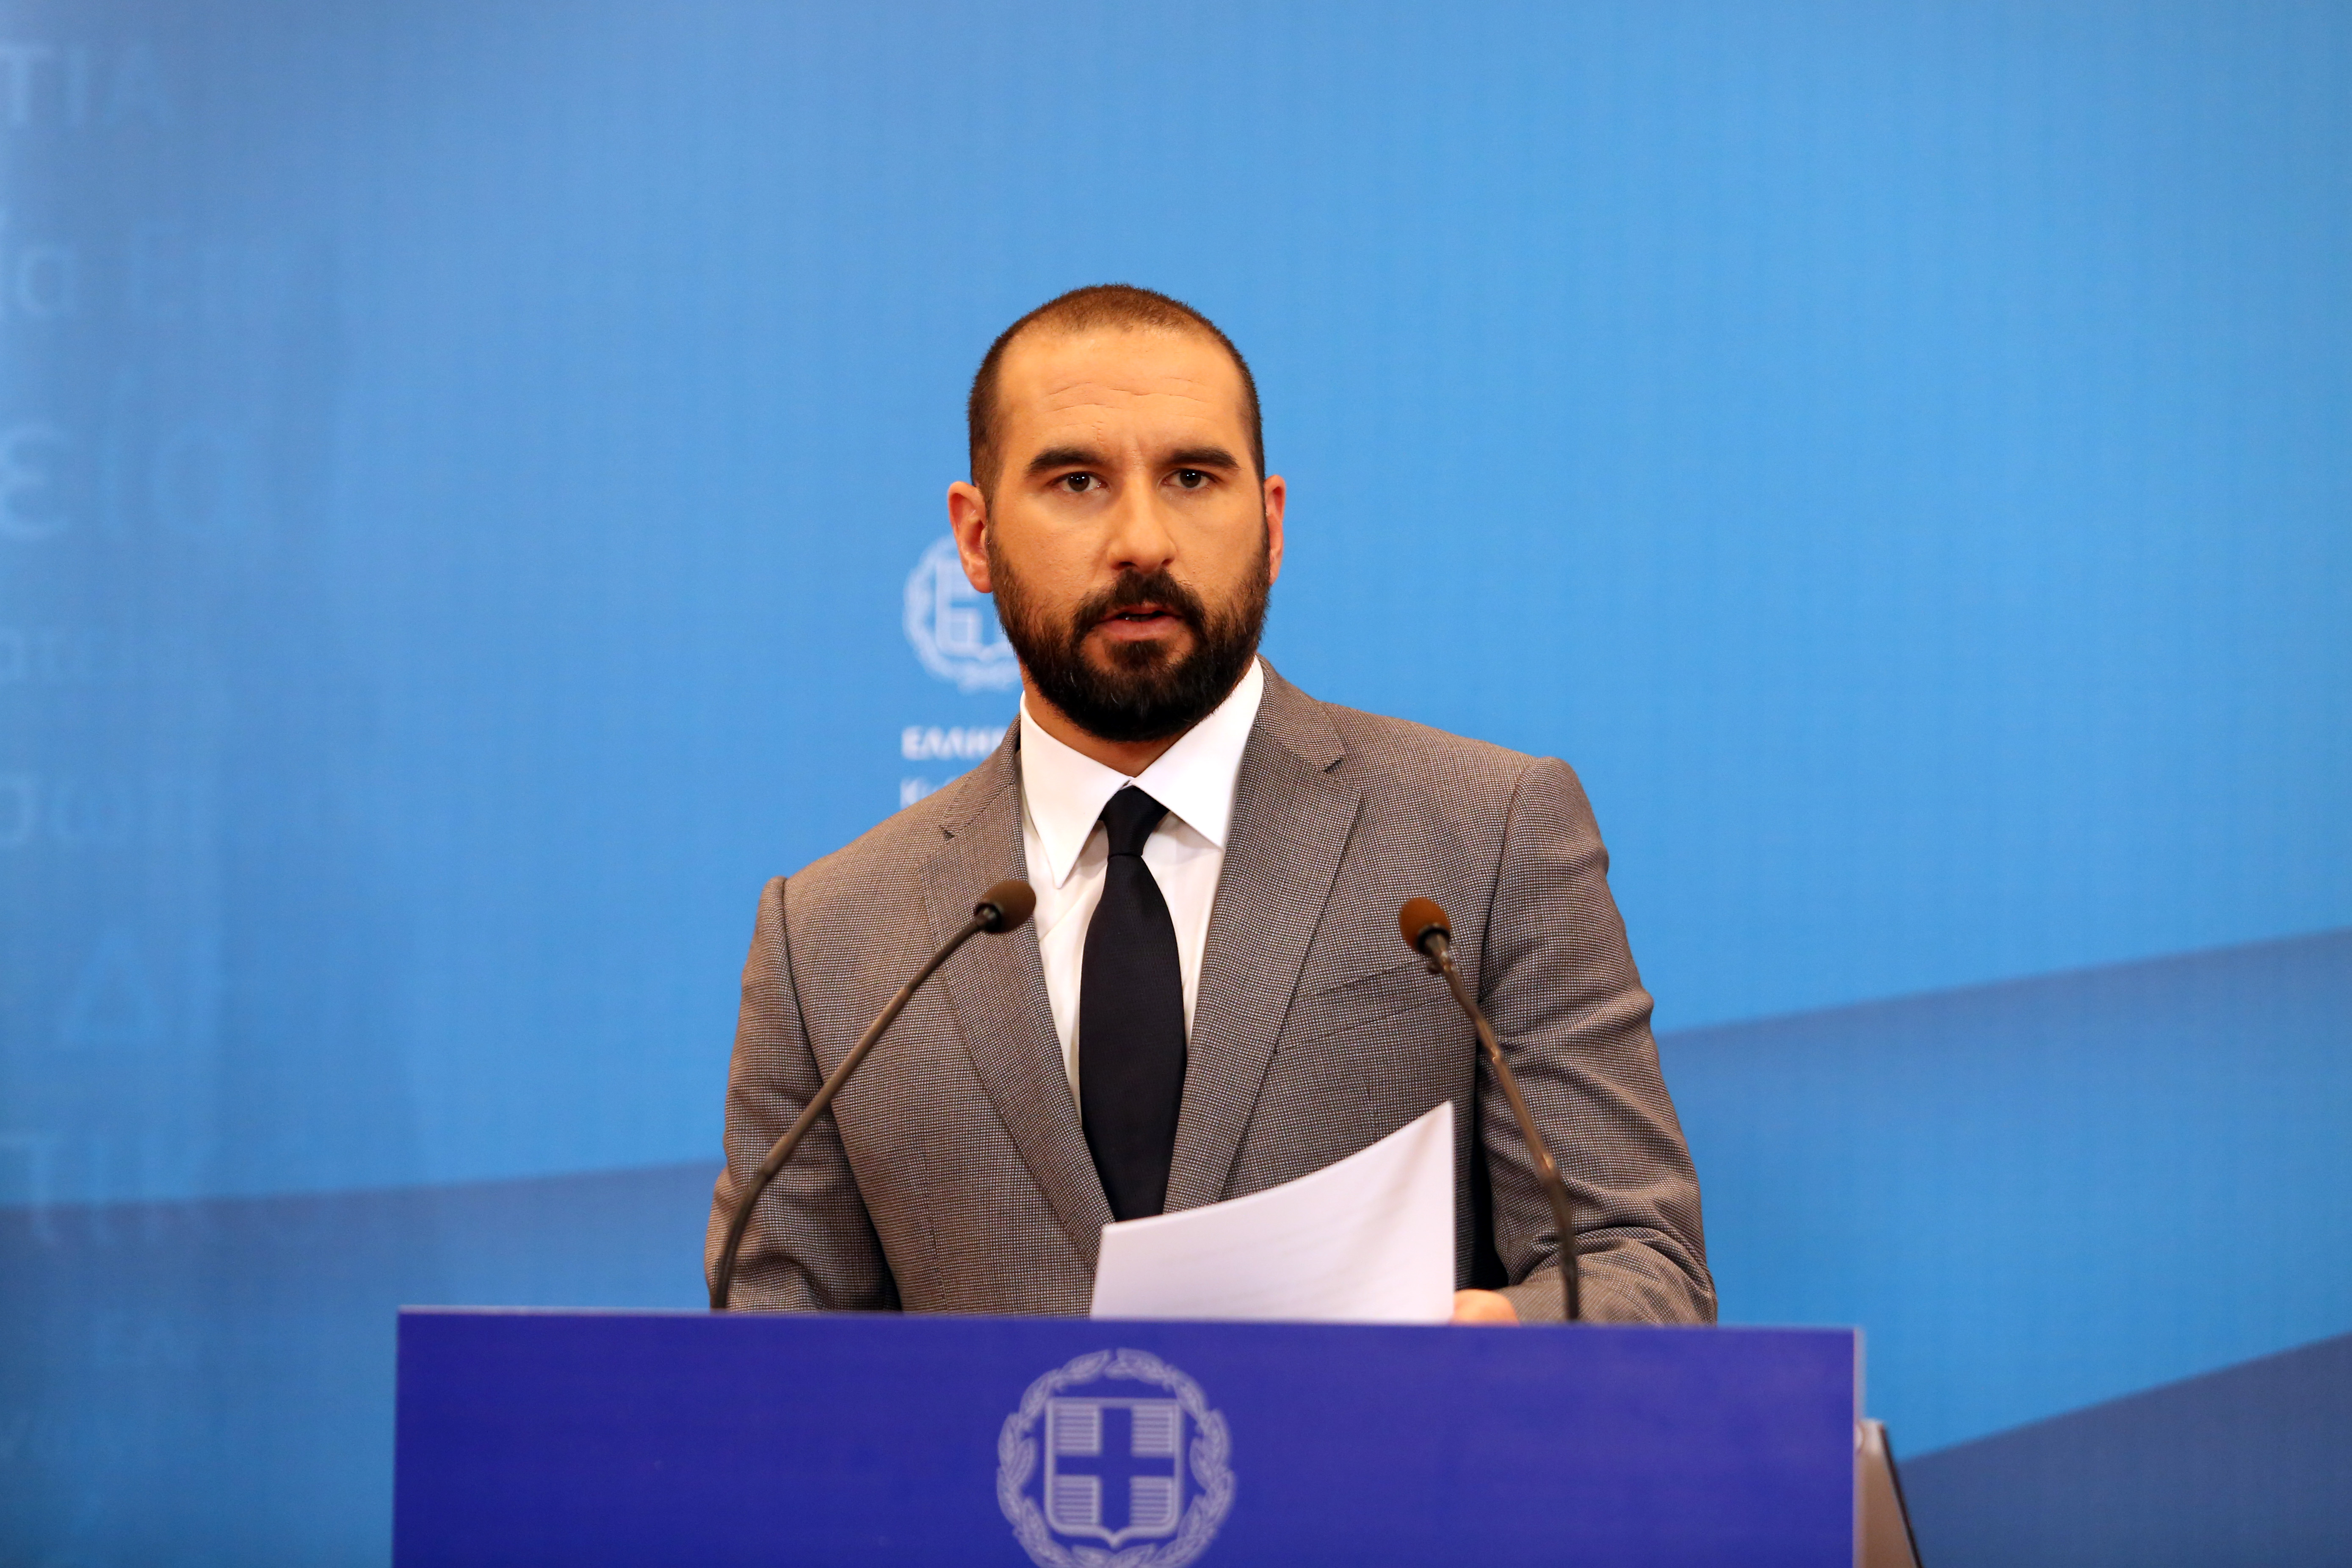 Τζανακόπουλος: Δεν υπάρχει συμφωνία για γαλλικές φρεγάτες, μόνο συζητήσεις | tovima.gr